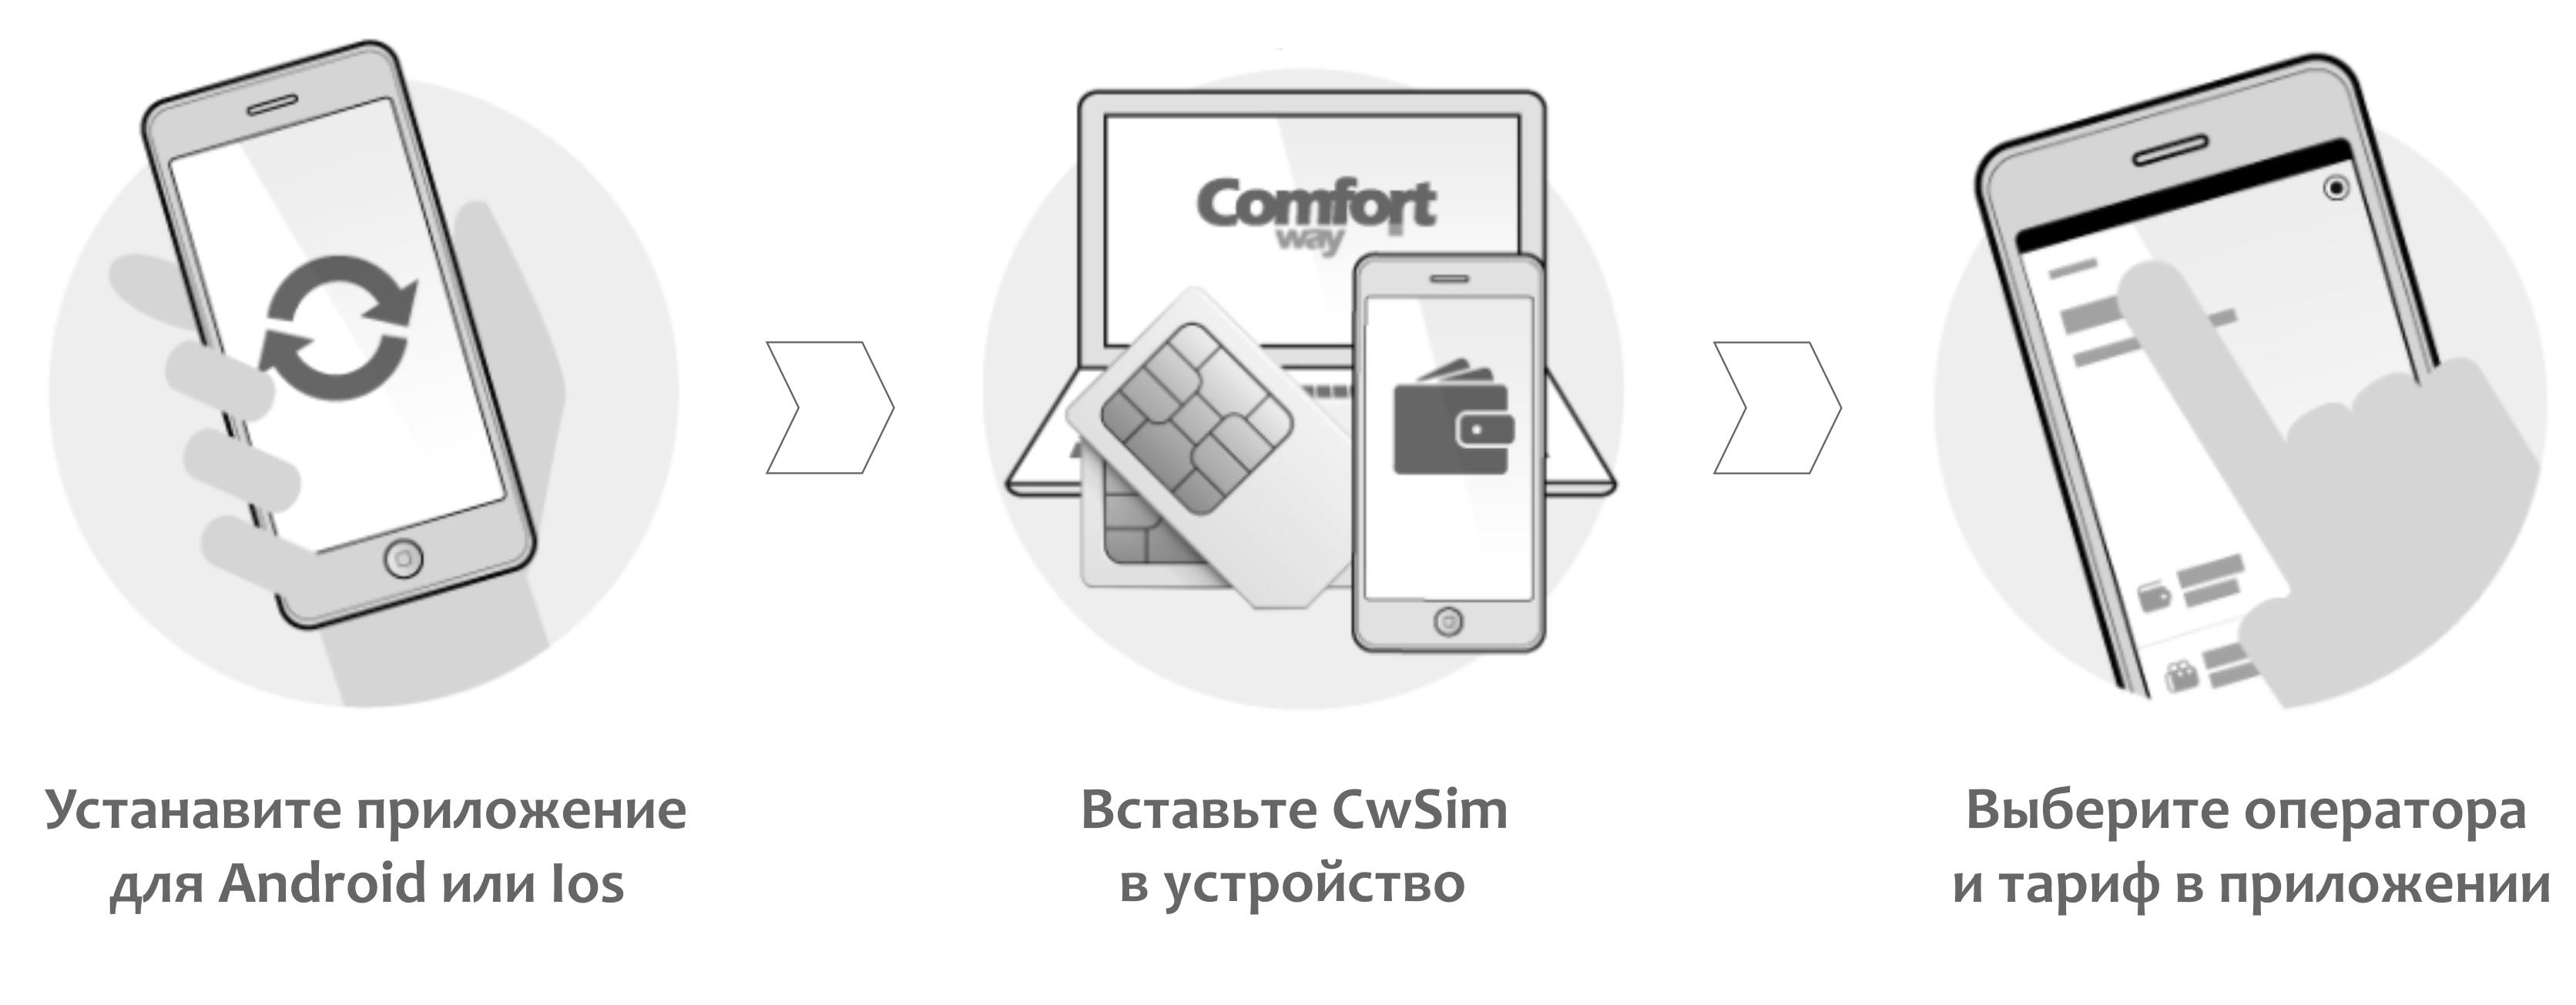 cwsim инструкции